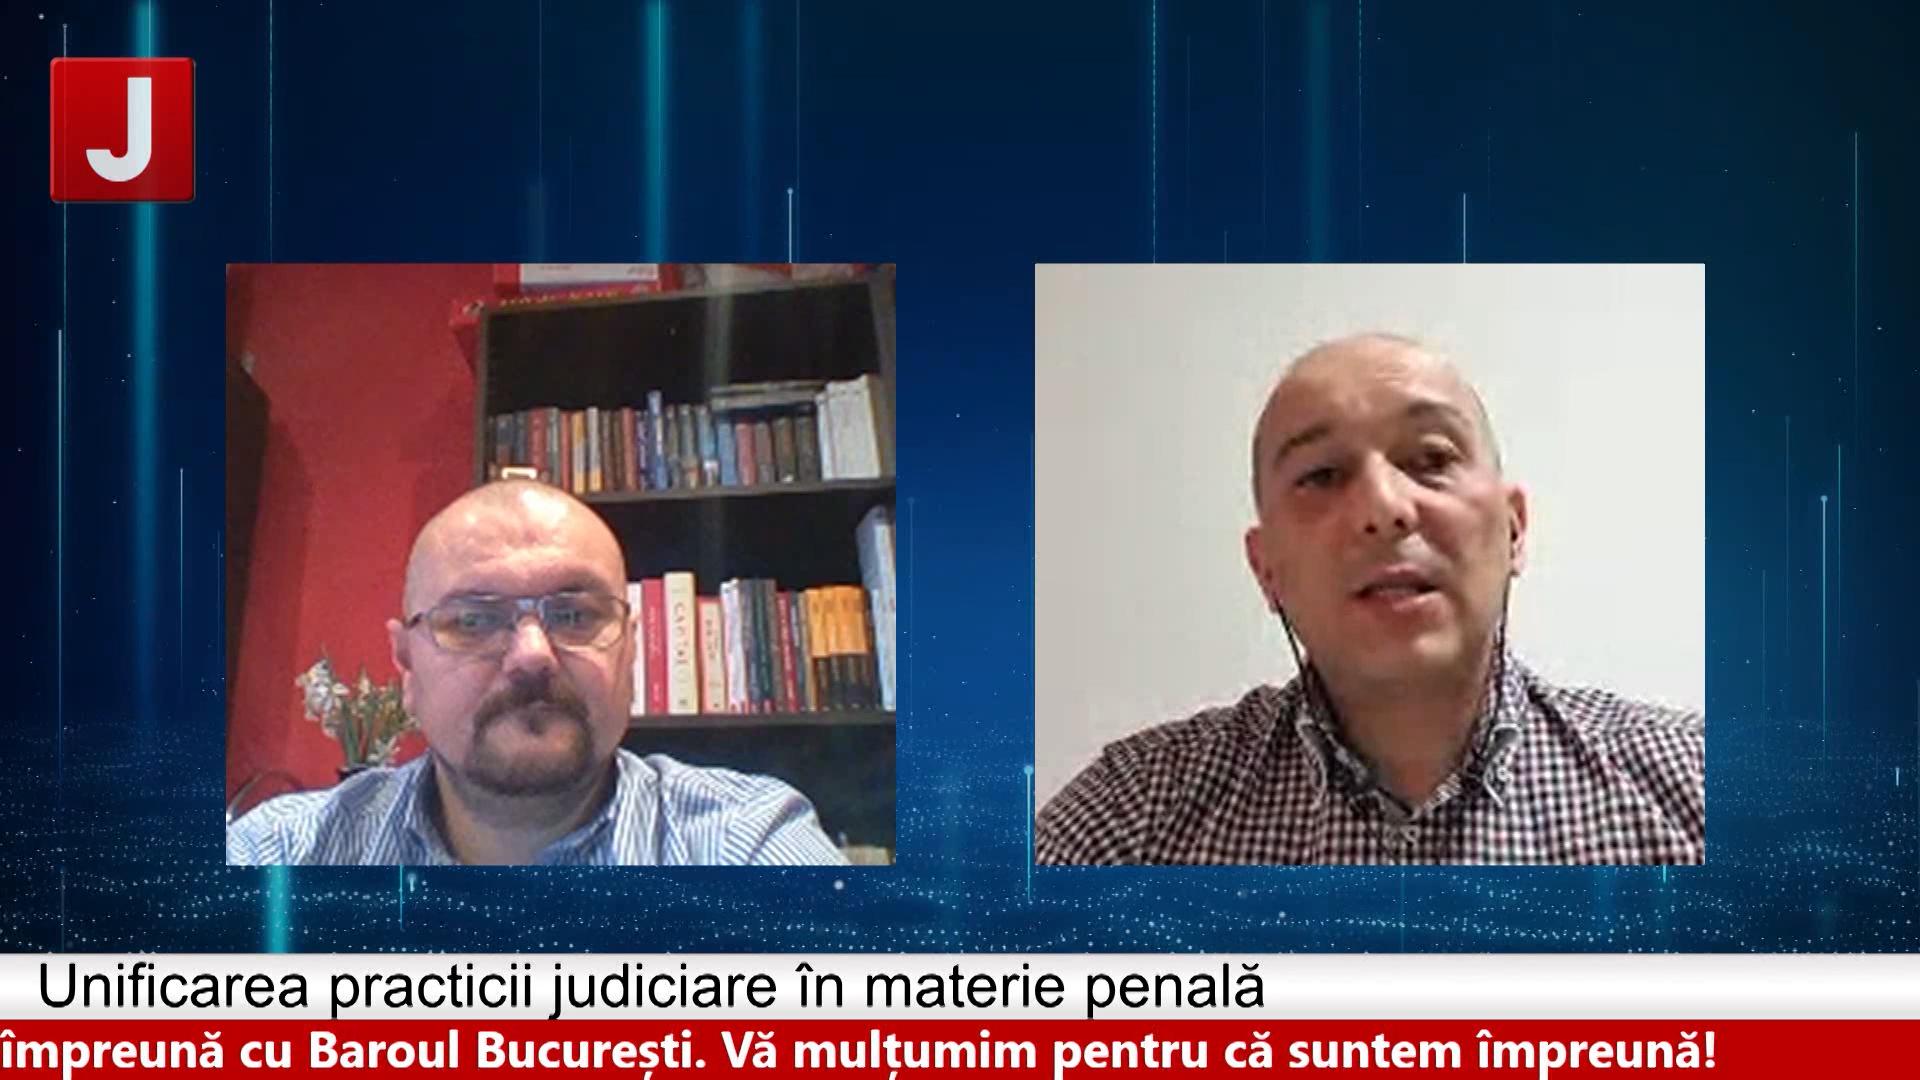 Unificarea practicii judiciare în materie penală